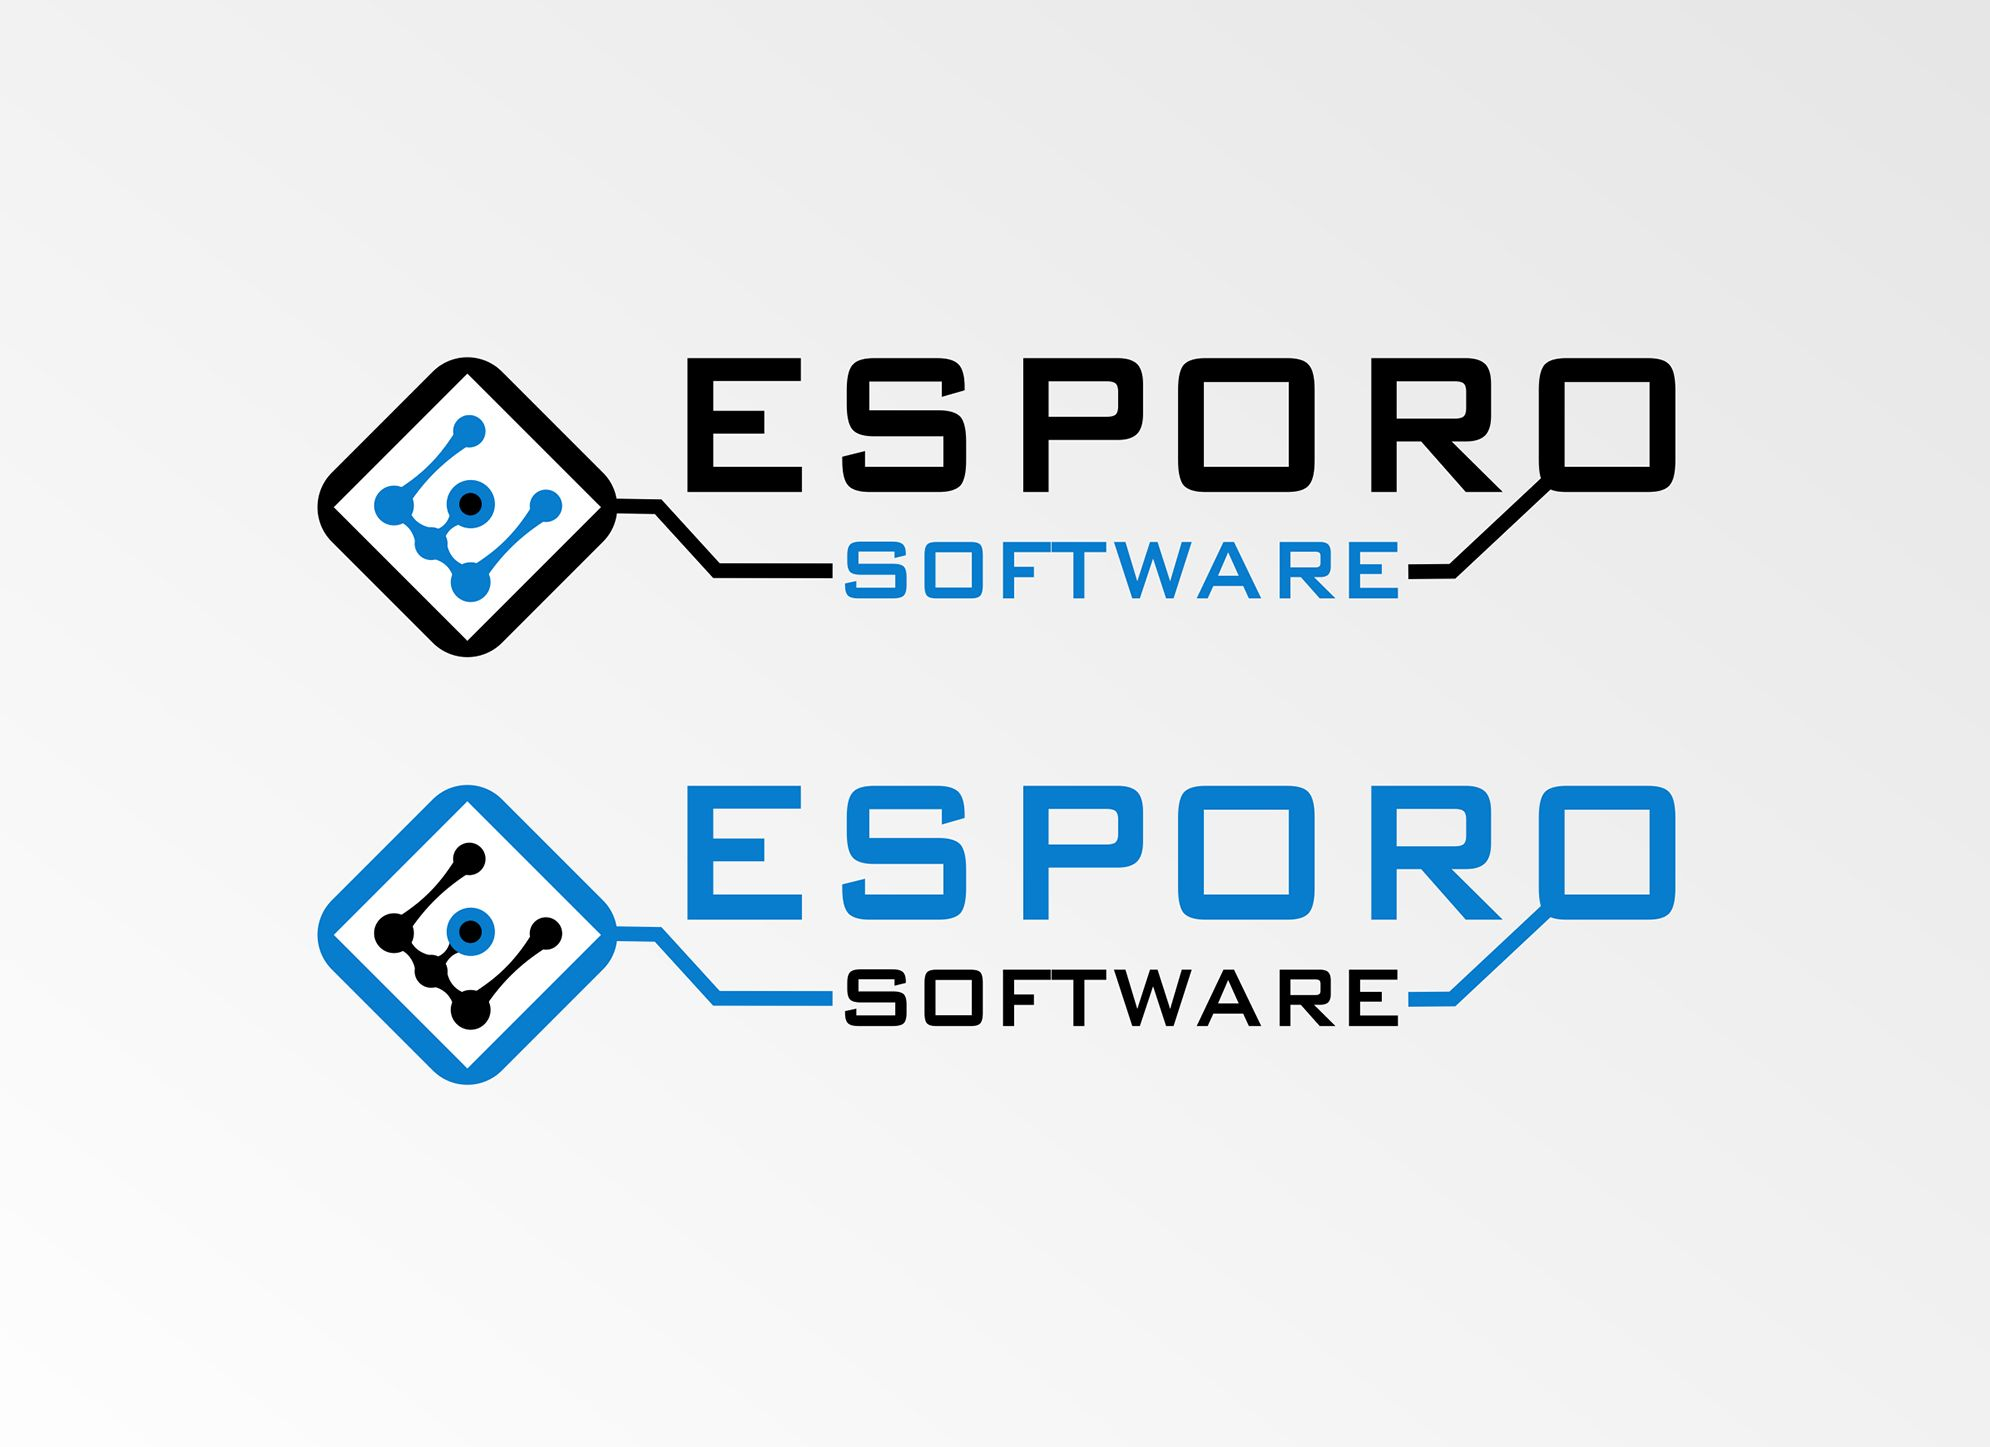 Логотип и фирменный стиль для ИТ-компании - дизайнер vesna